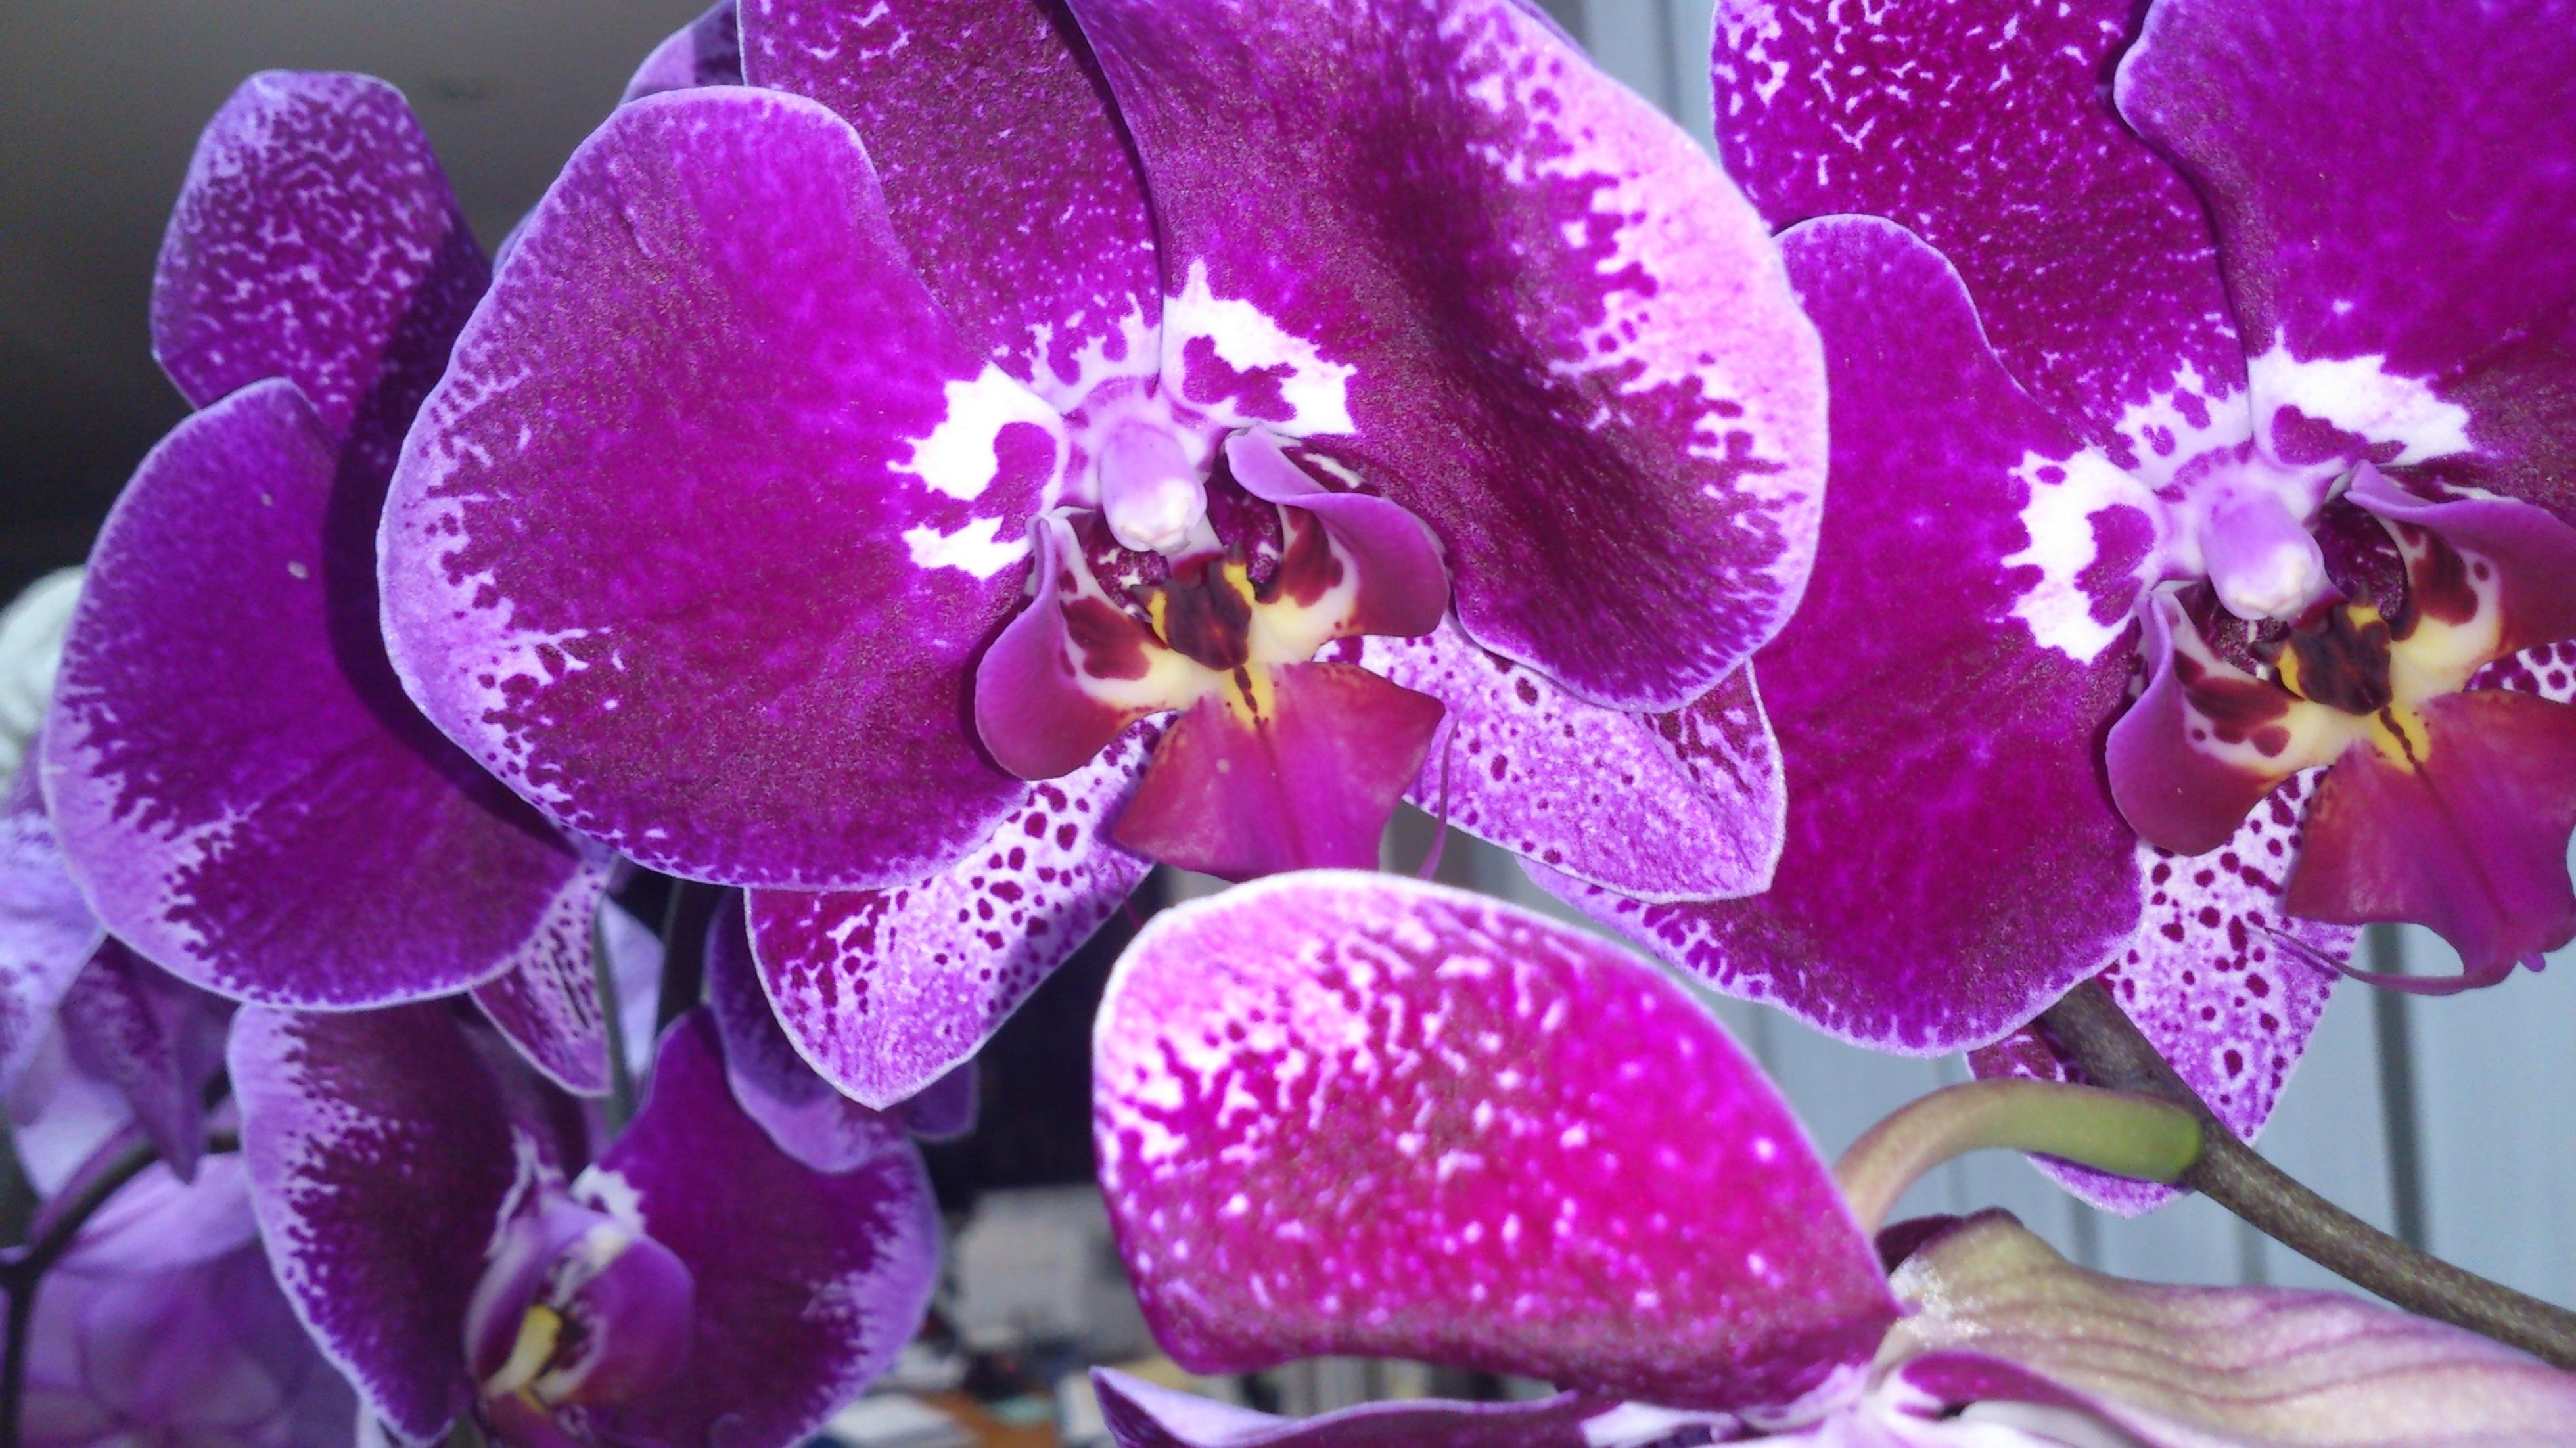 Орхидеи широкоформатные обои на рабочий стол